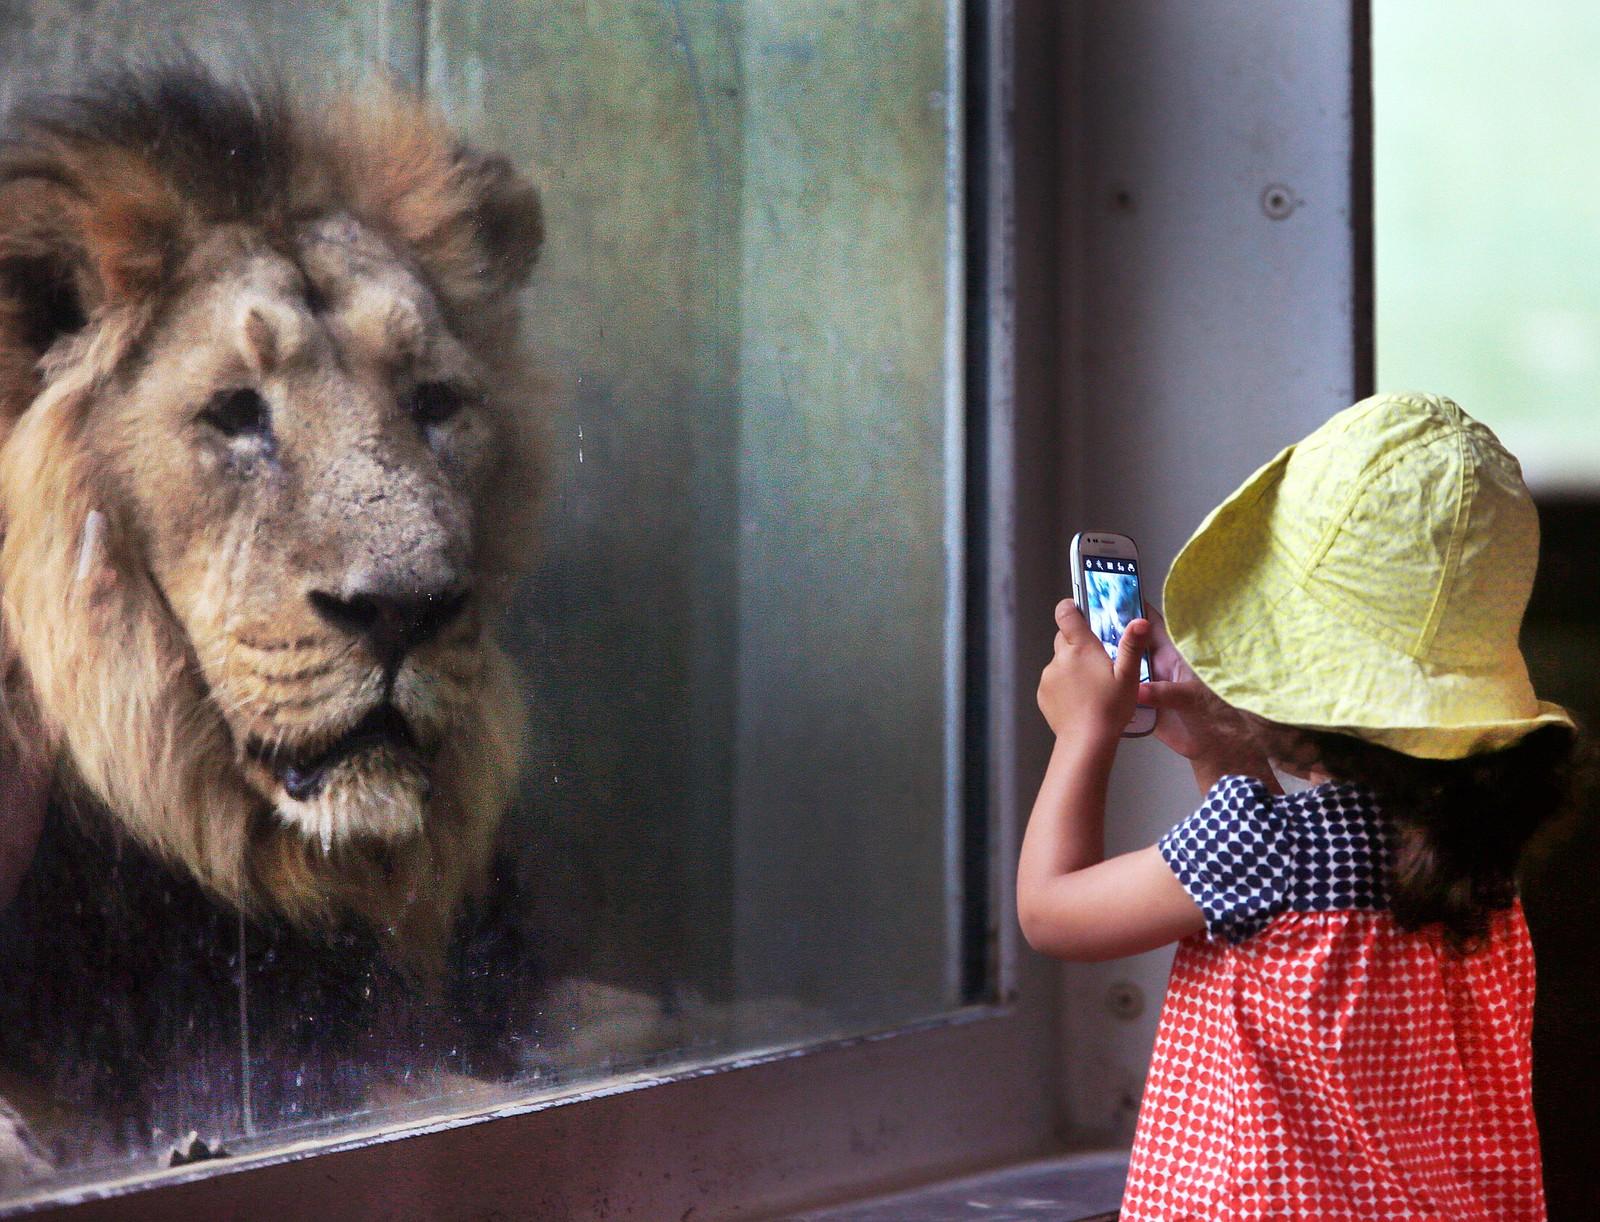 Ei lita jente tar bilde av en løve i dyrehagen i Frankfurt i Tyskland.